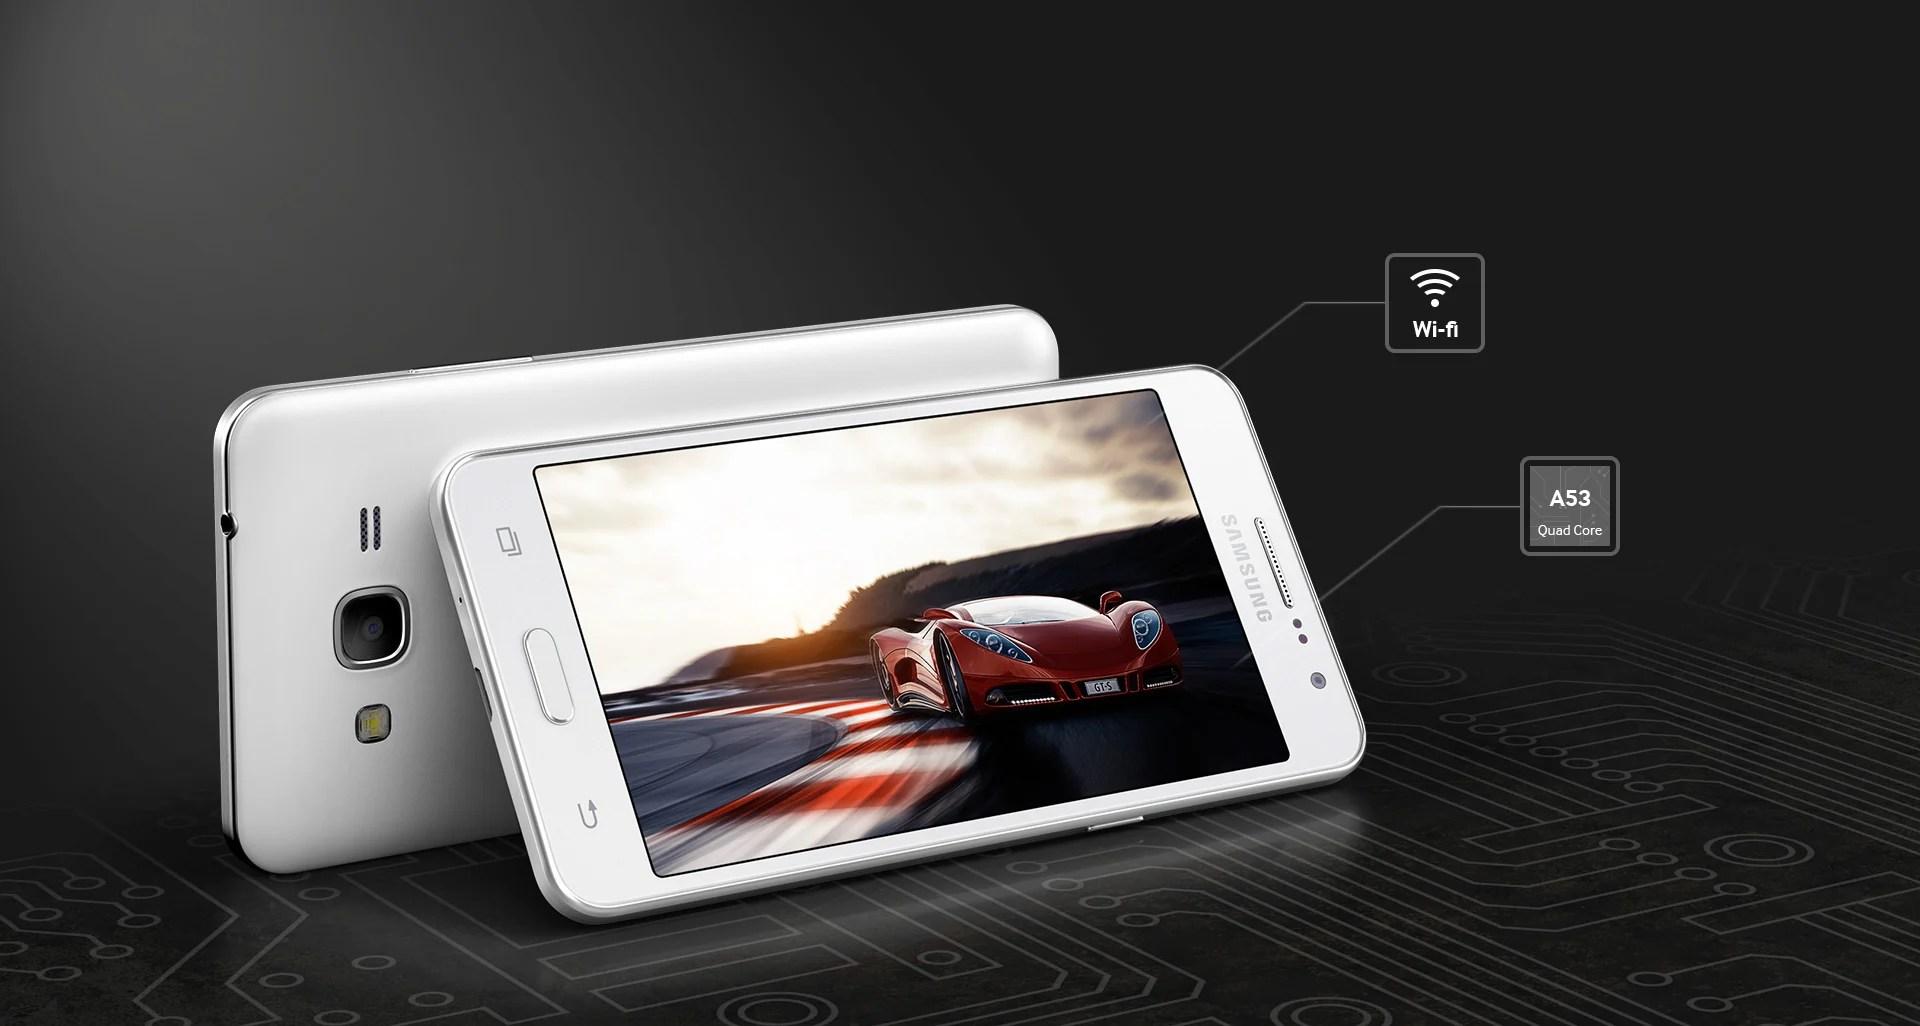 Bon plan : Le Samsung Galaxy Core Prime est à 89 euros